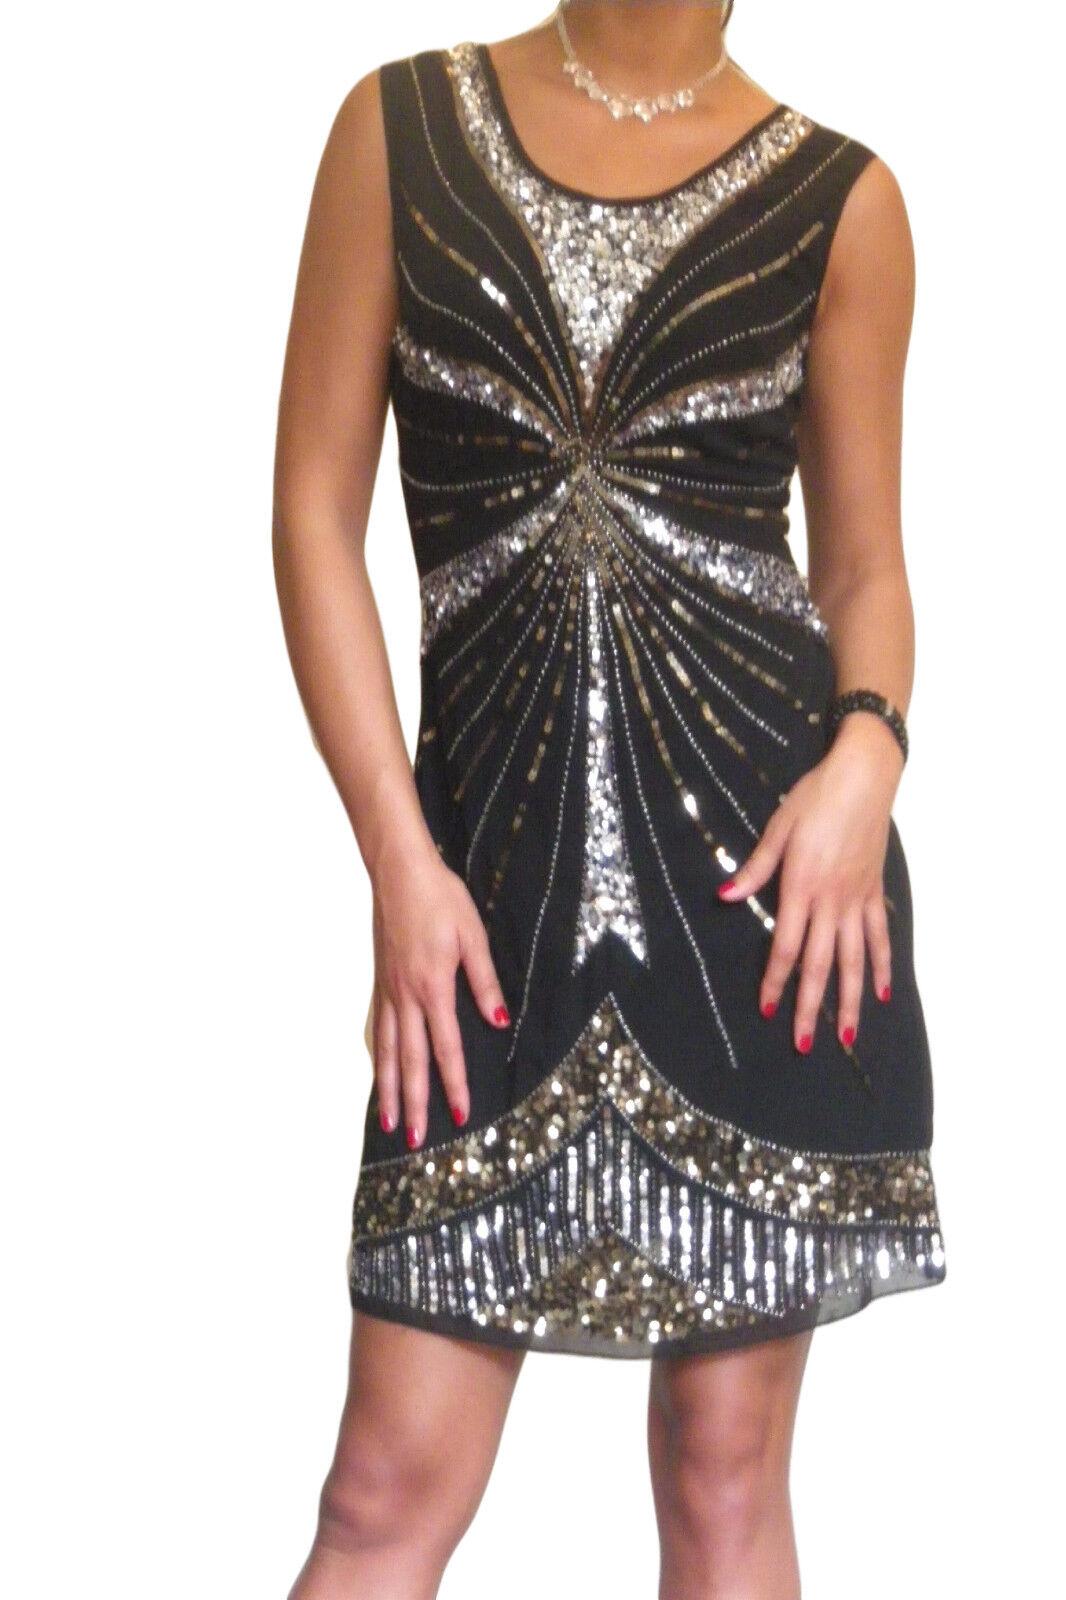 Damenkleid Gatsby 1920 Flapper Paillette Party Abend Mini Größe 8 8 8 10 12 14 16 18 | Neuheit Spielzeug  | Große Ausverkauf  | Vorzüglich  ab330f